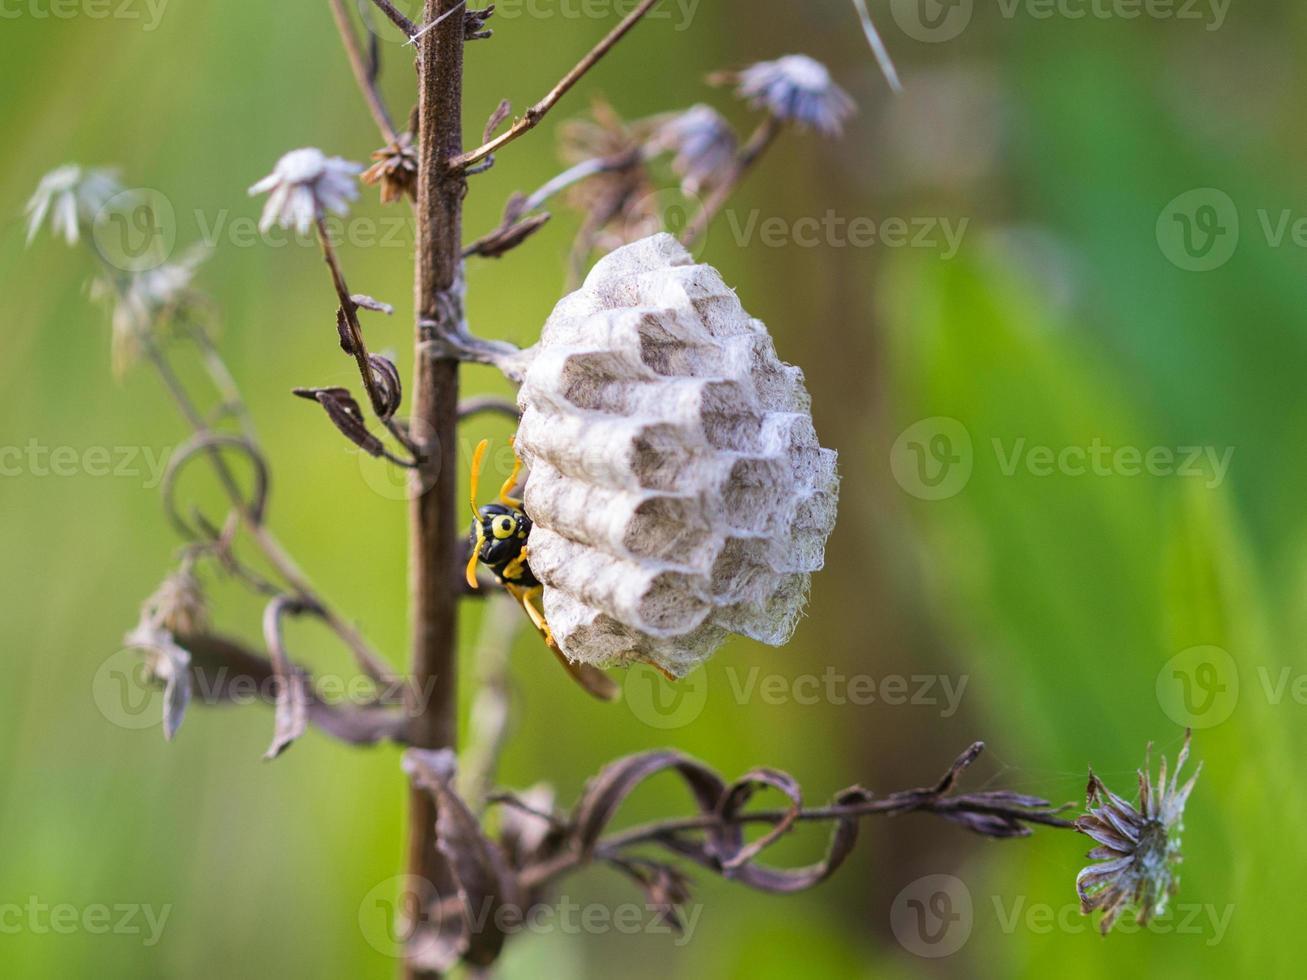 ninho de vespas foto